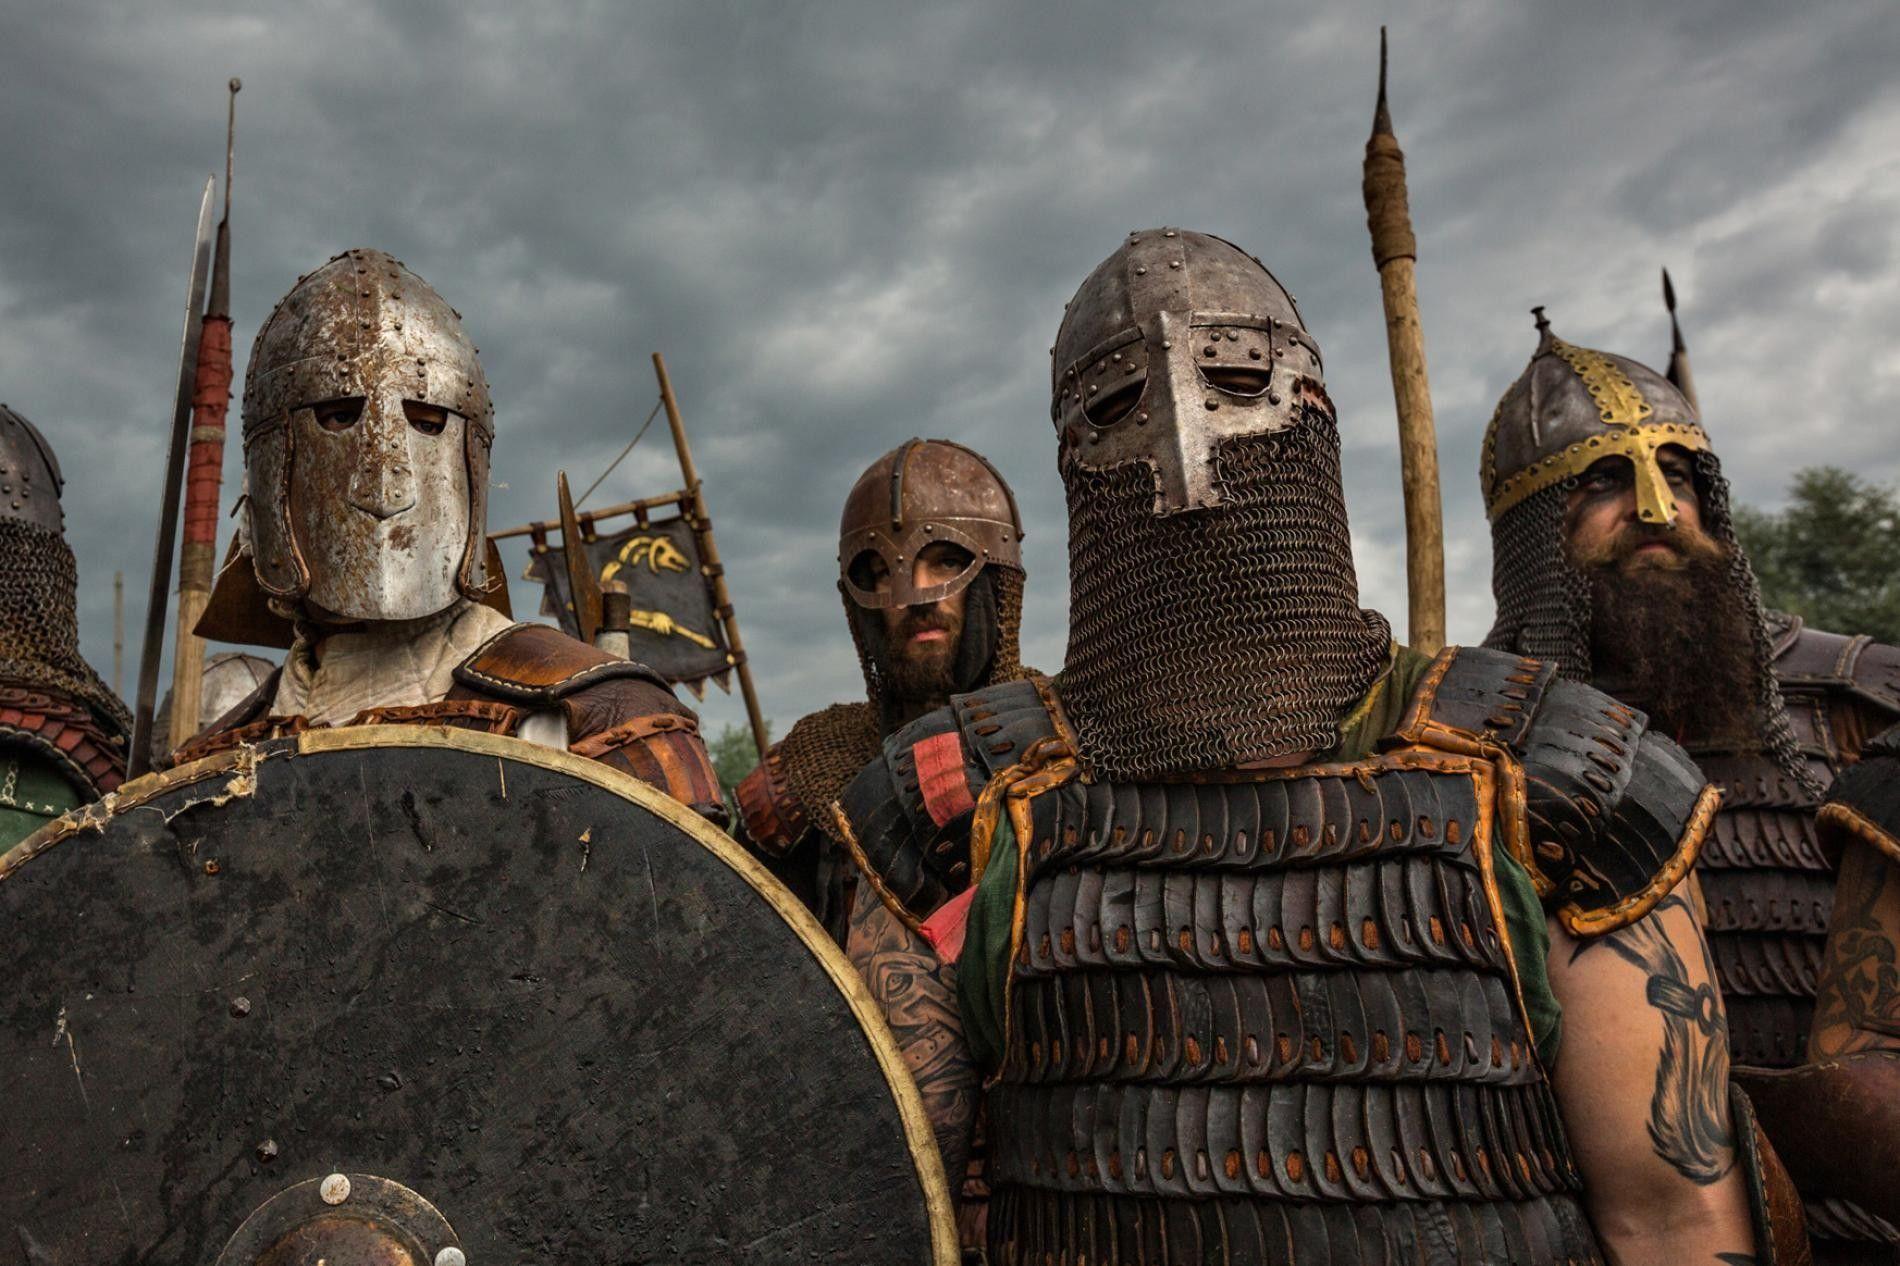 Des recréateurs de combats vikings se réunissent en Pologne. Les Vikings s'étaient fait une solide et ...